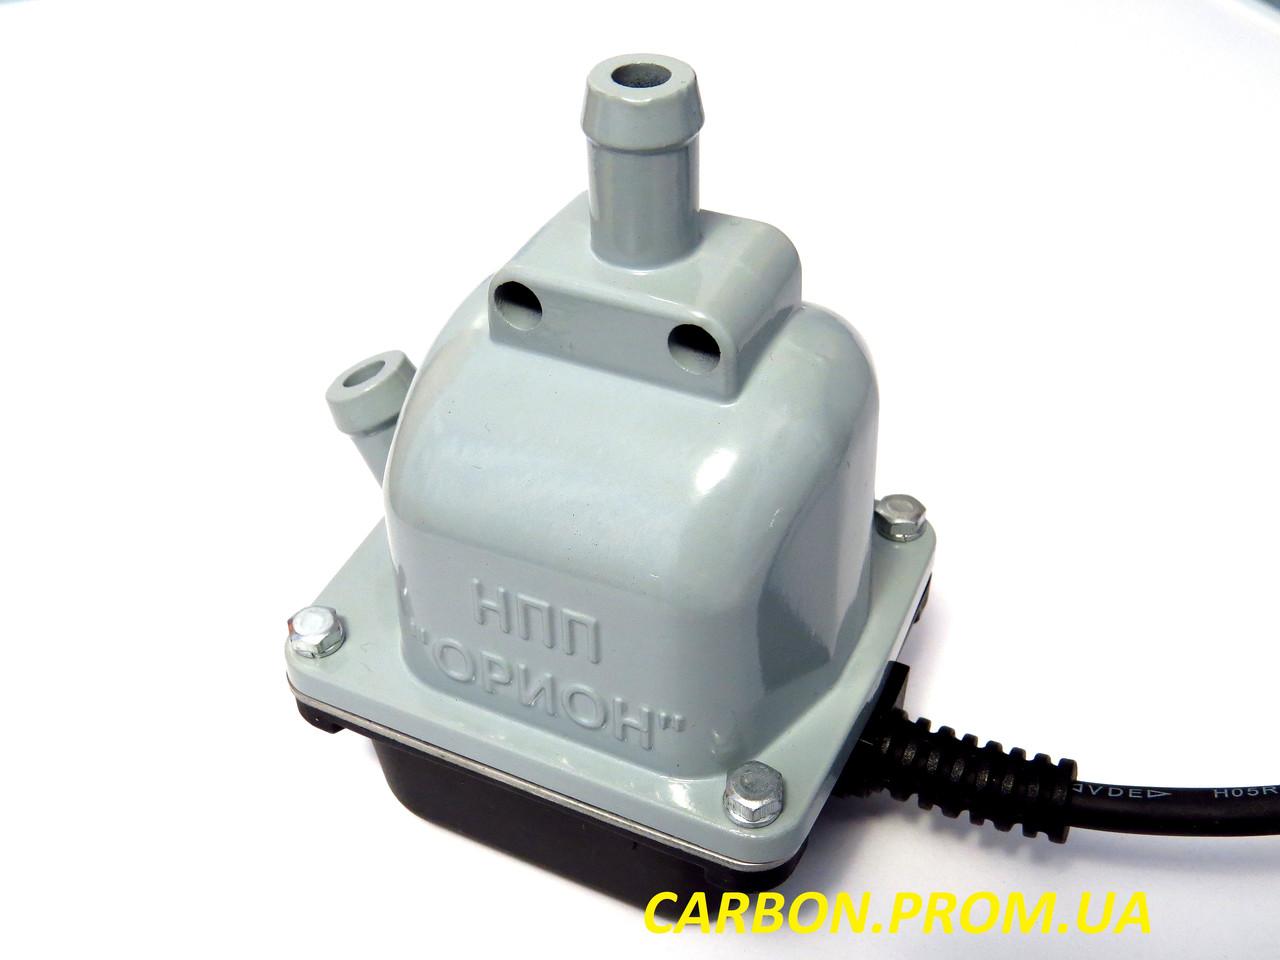 Автомобільний передпусковий підігрів охолоджуючої рідини 1,5 кВт Вимпел